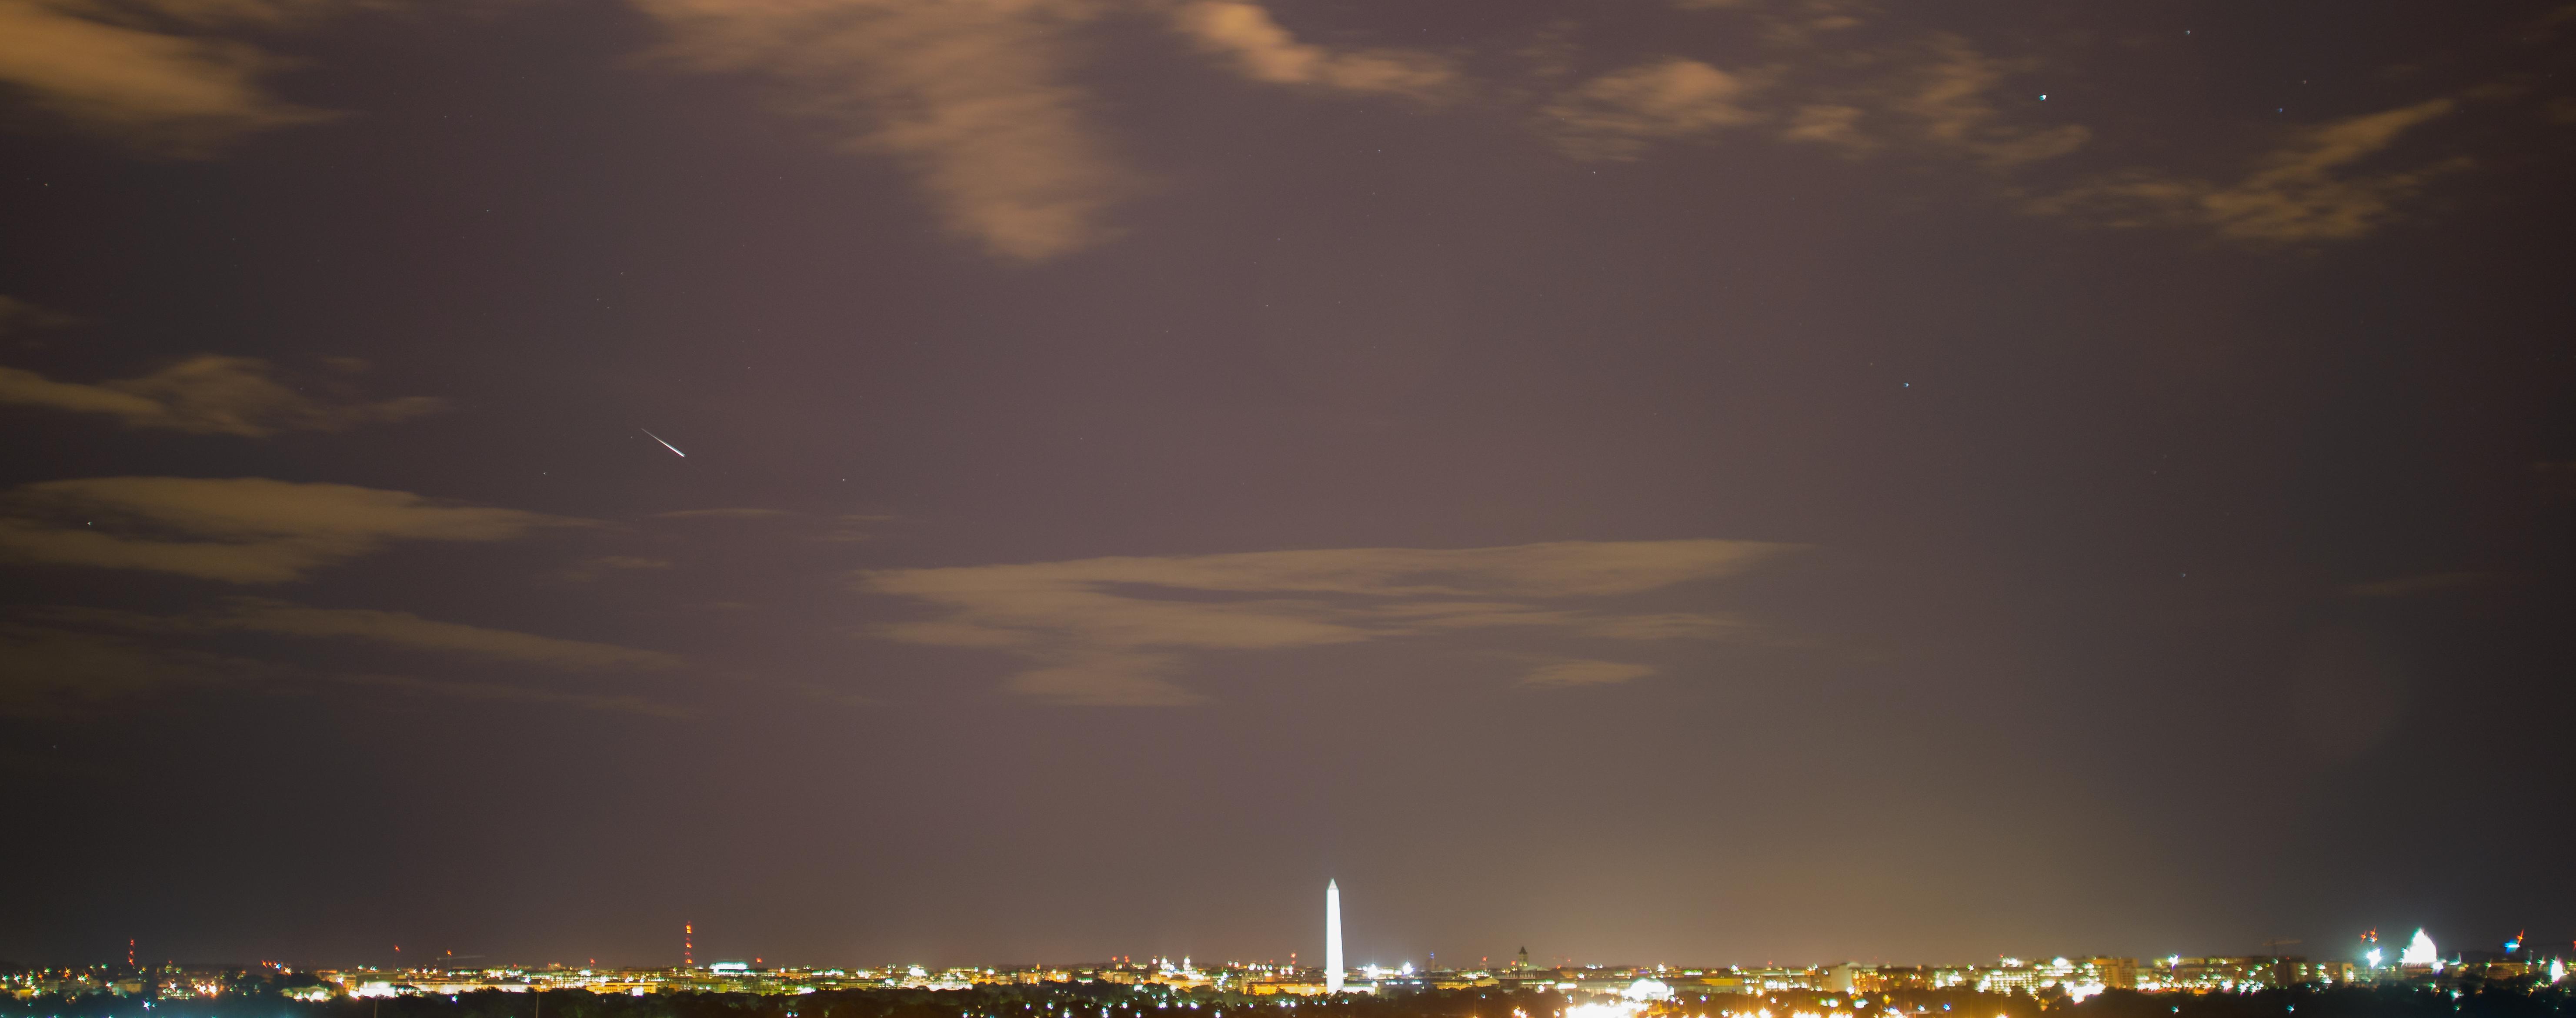 Perseid Meteor Over Washington D.C. | NASA